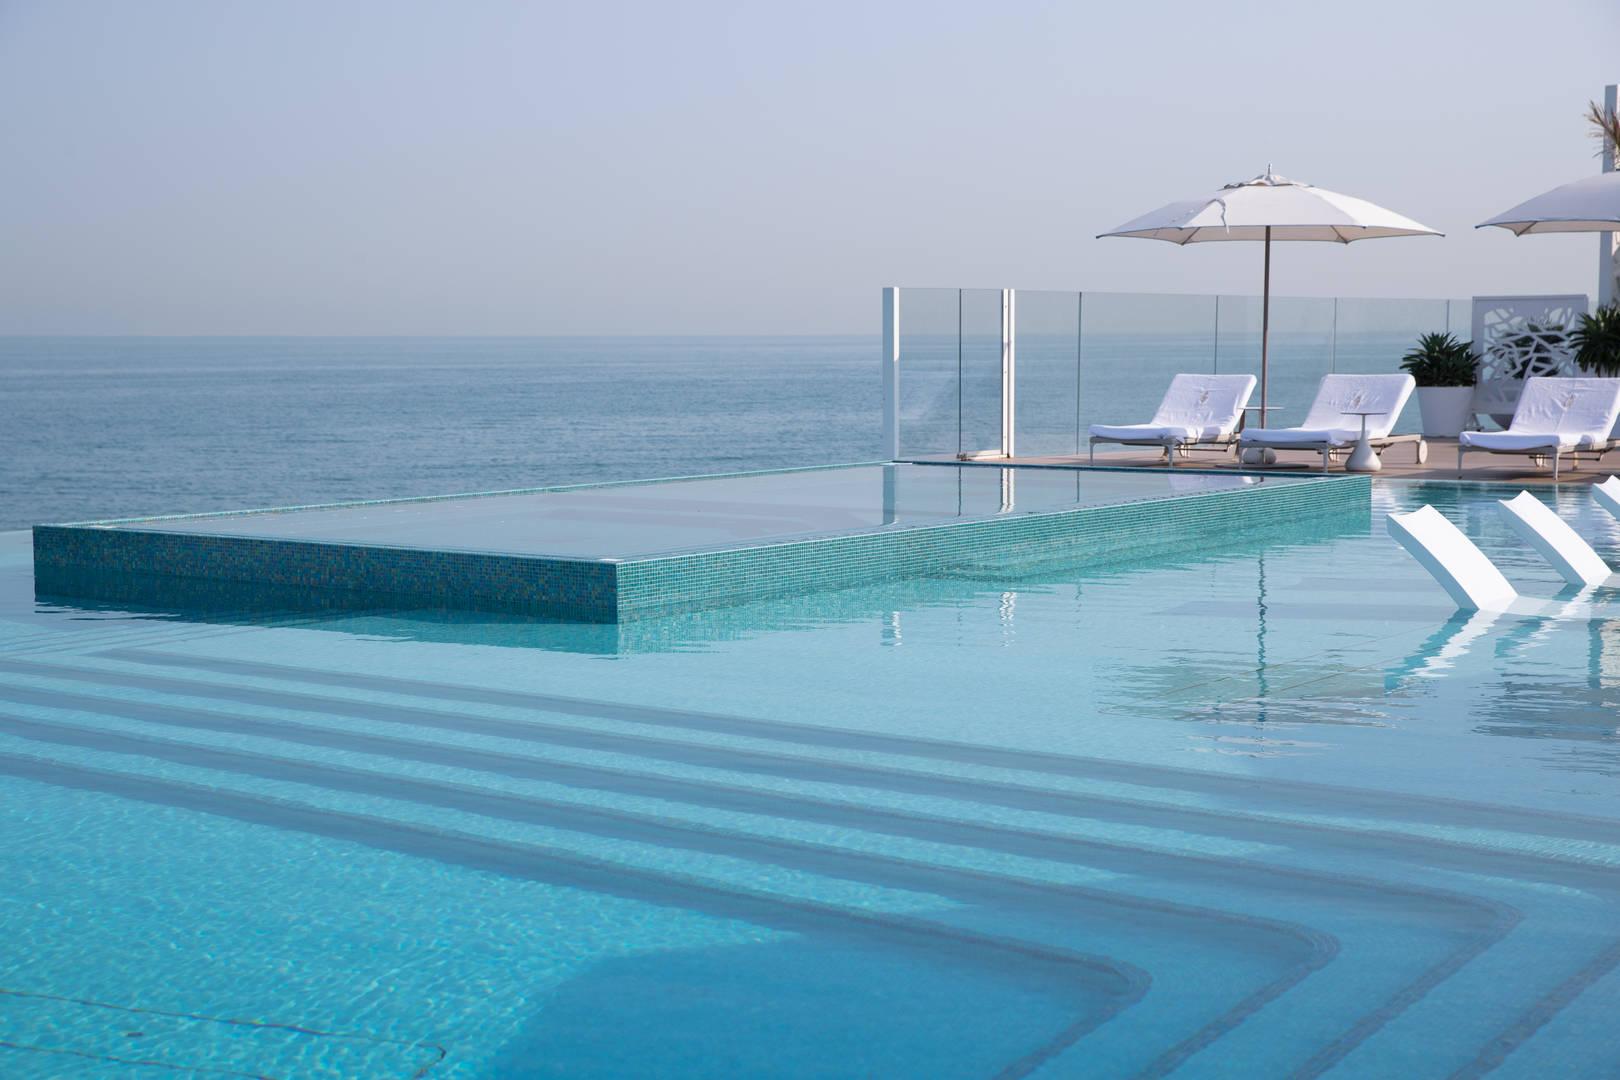 Jumeirah Burj Al Arab Terrace infiniti pool with view of the ocean